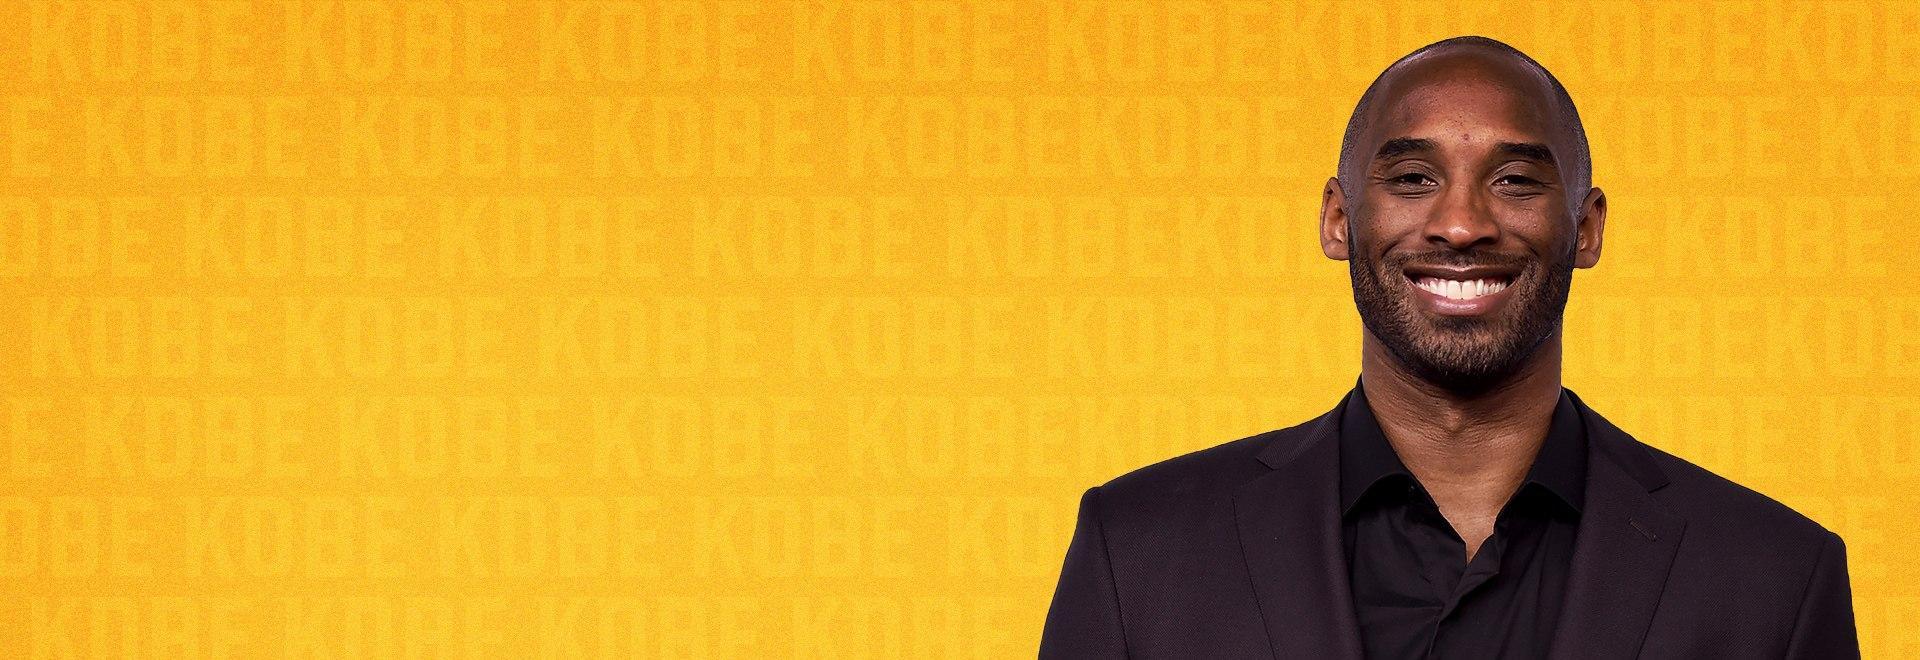 Intervista Kobe Bryant da Ahmad Rashad